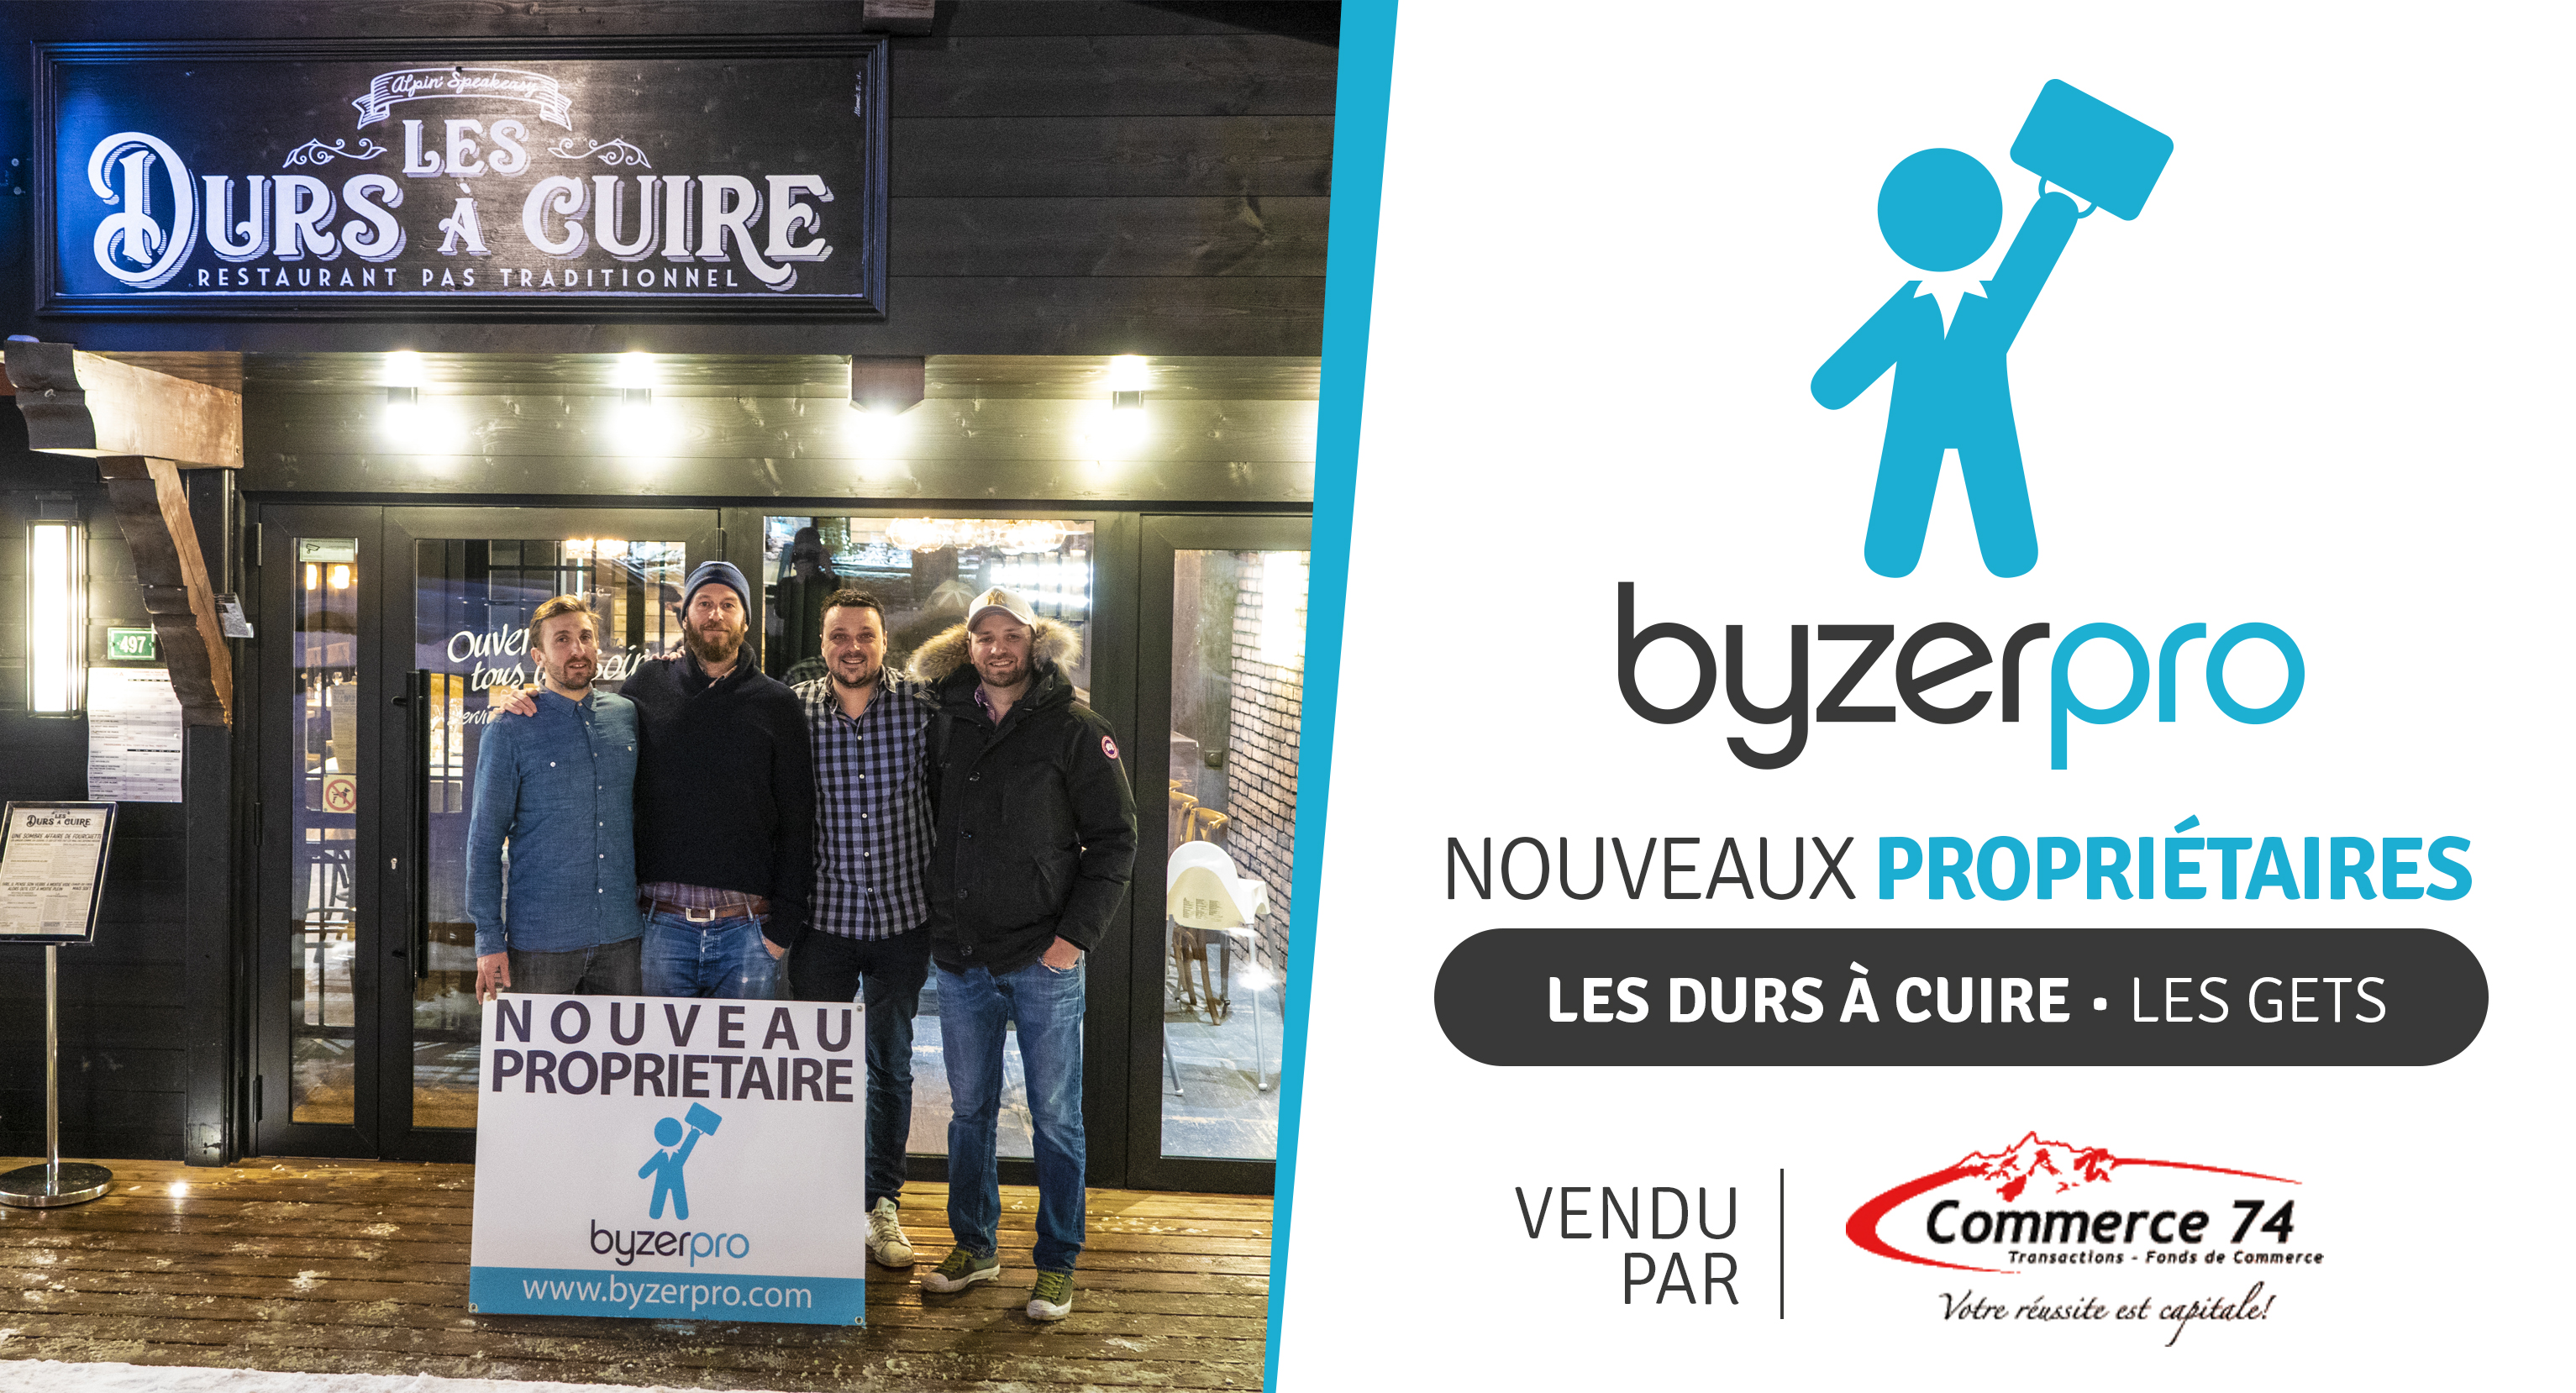 Vente Les Durs à Cuire, Les Gets, Byzerpro.com